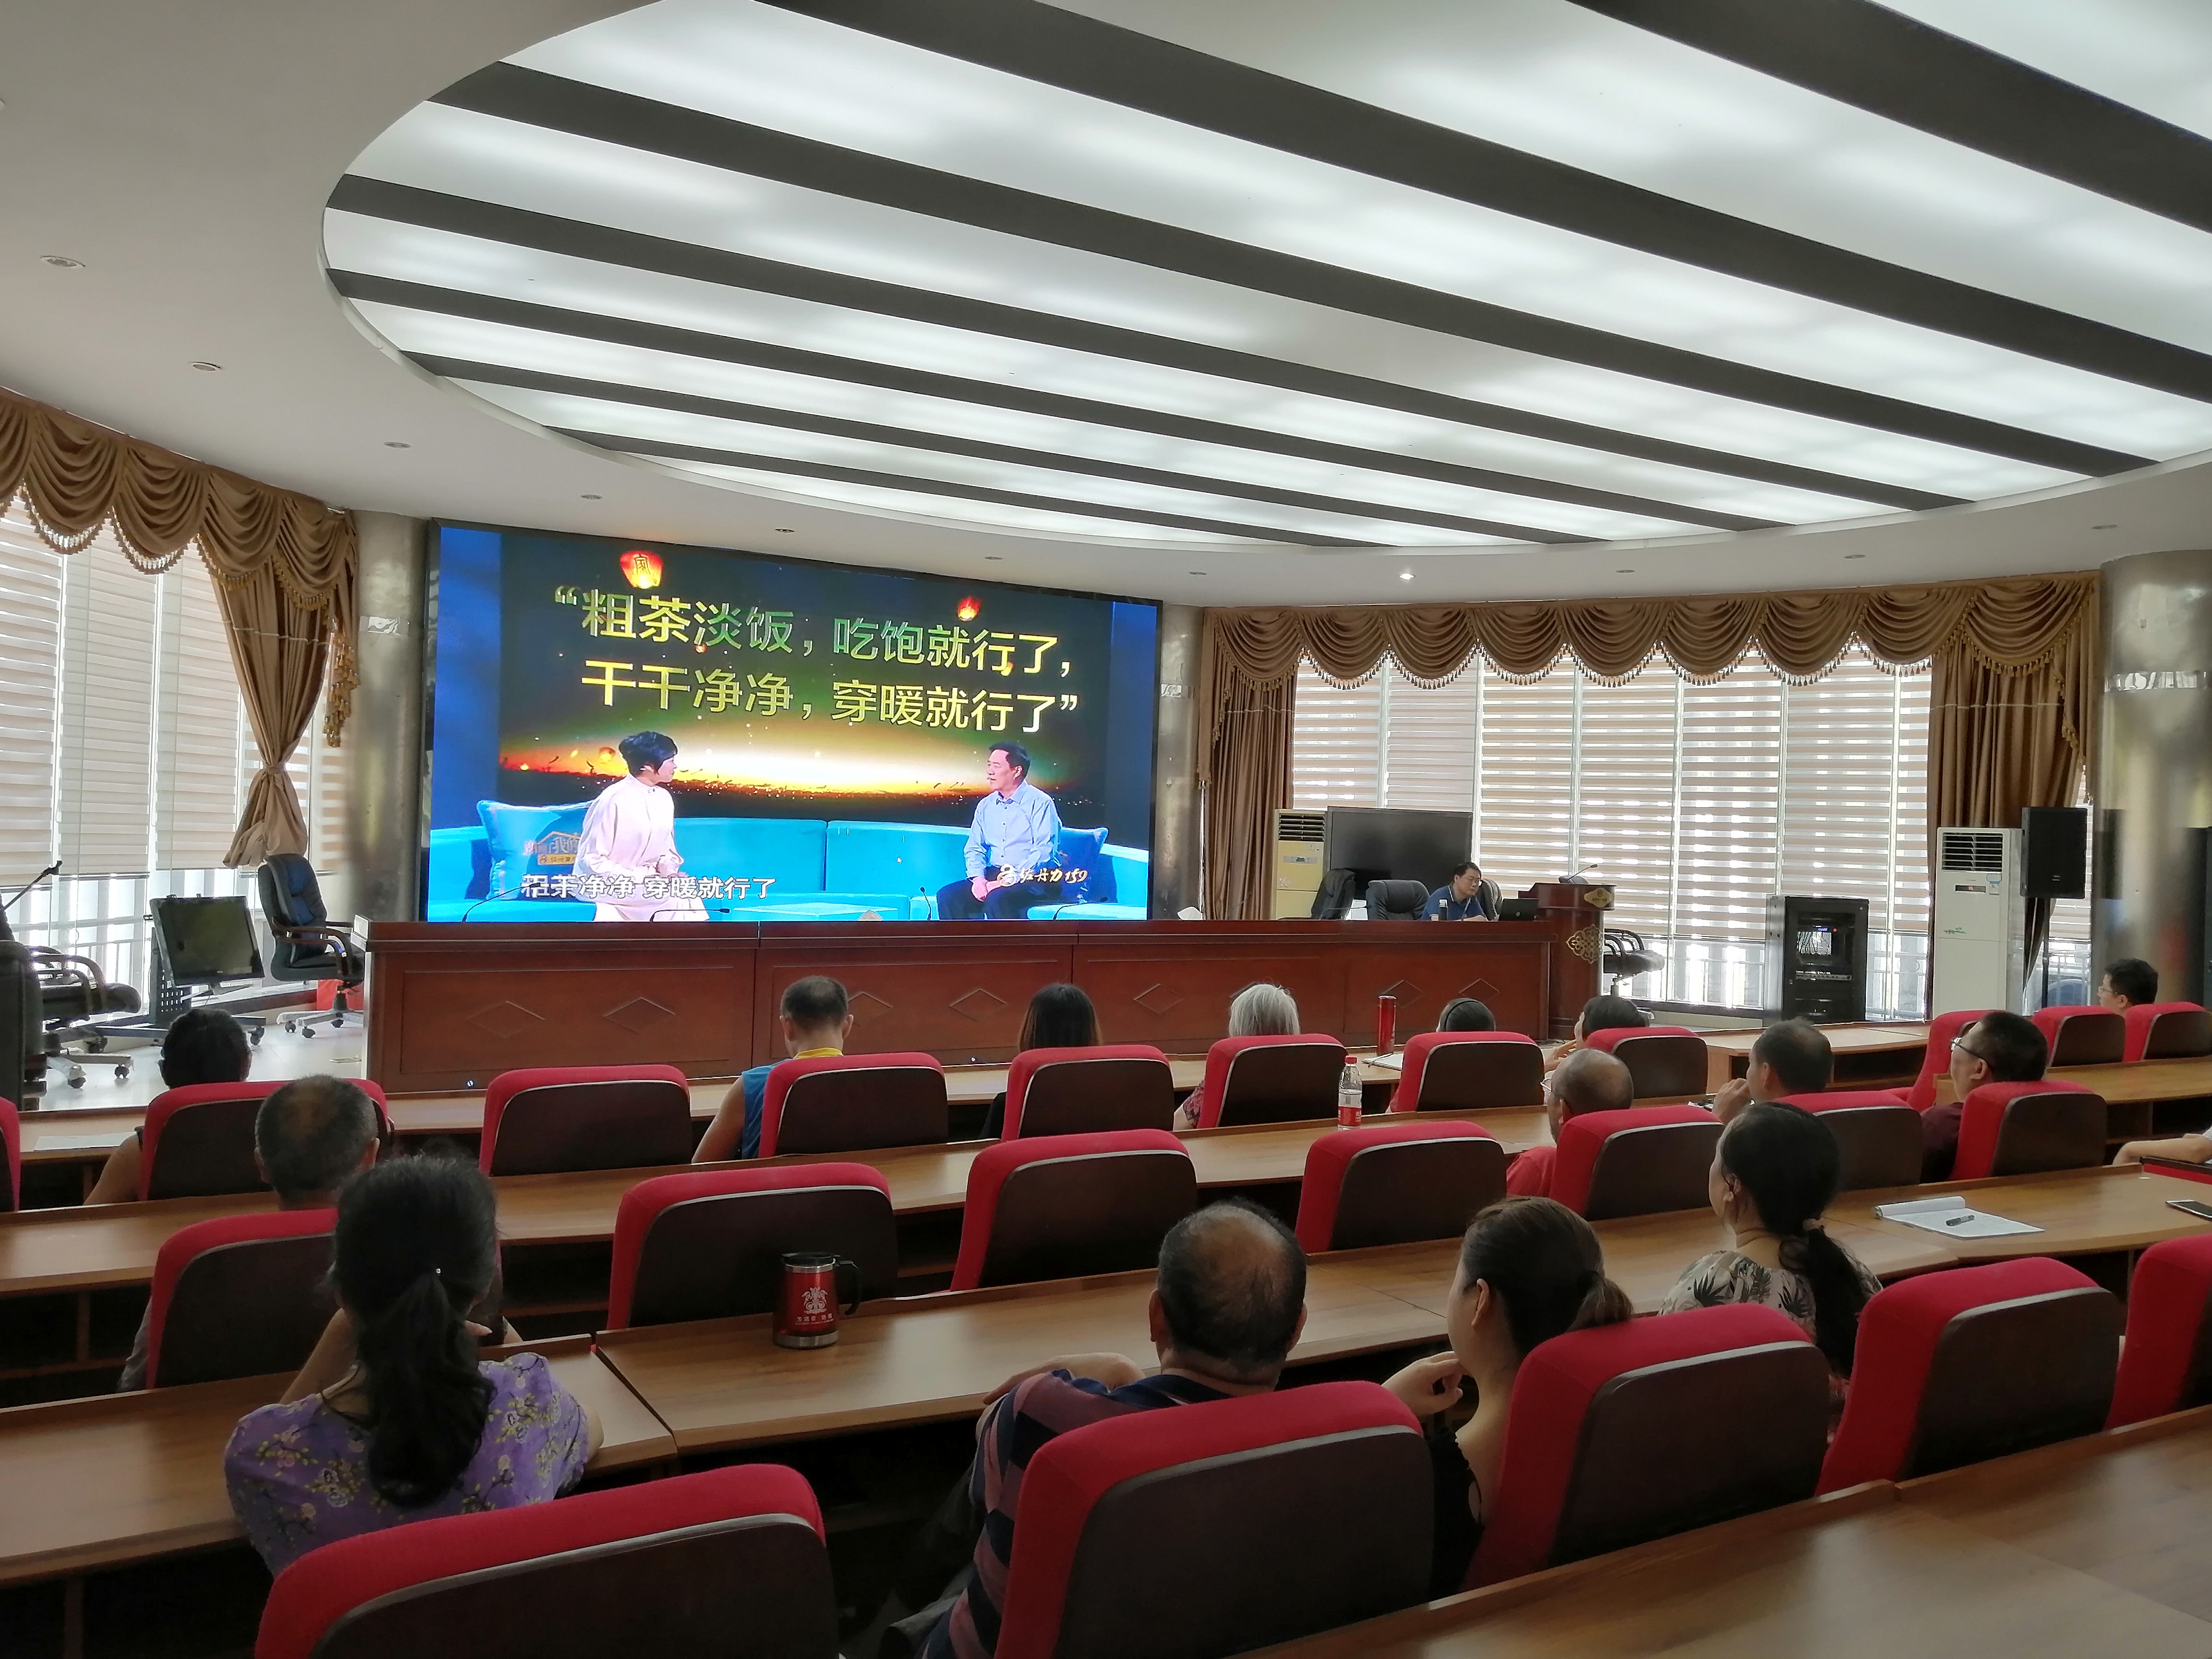 8月7日,市气象局在多功能厅举办家风家训讲座和故事分享会-视频分享朱德家风家训.jpg